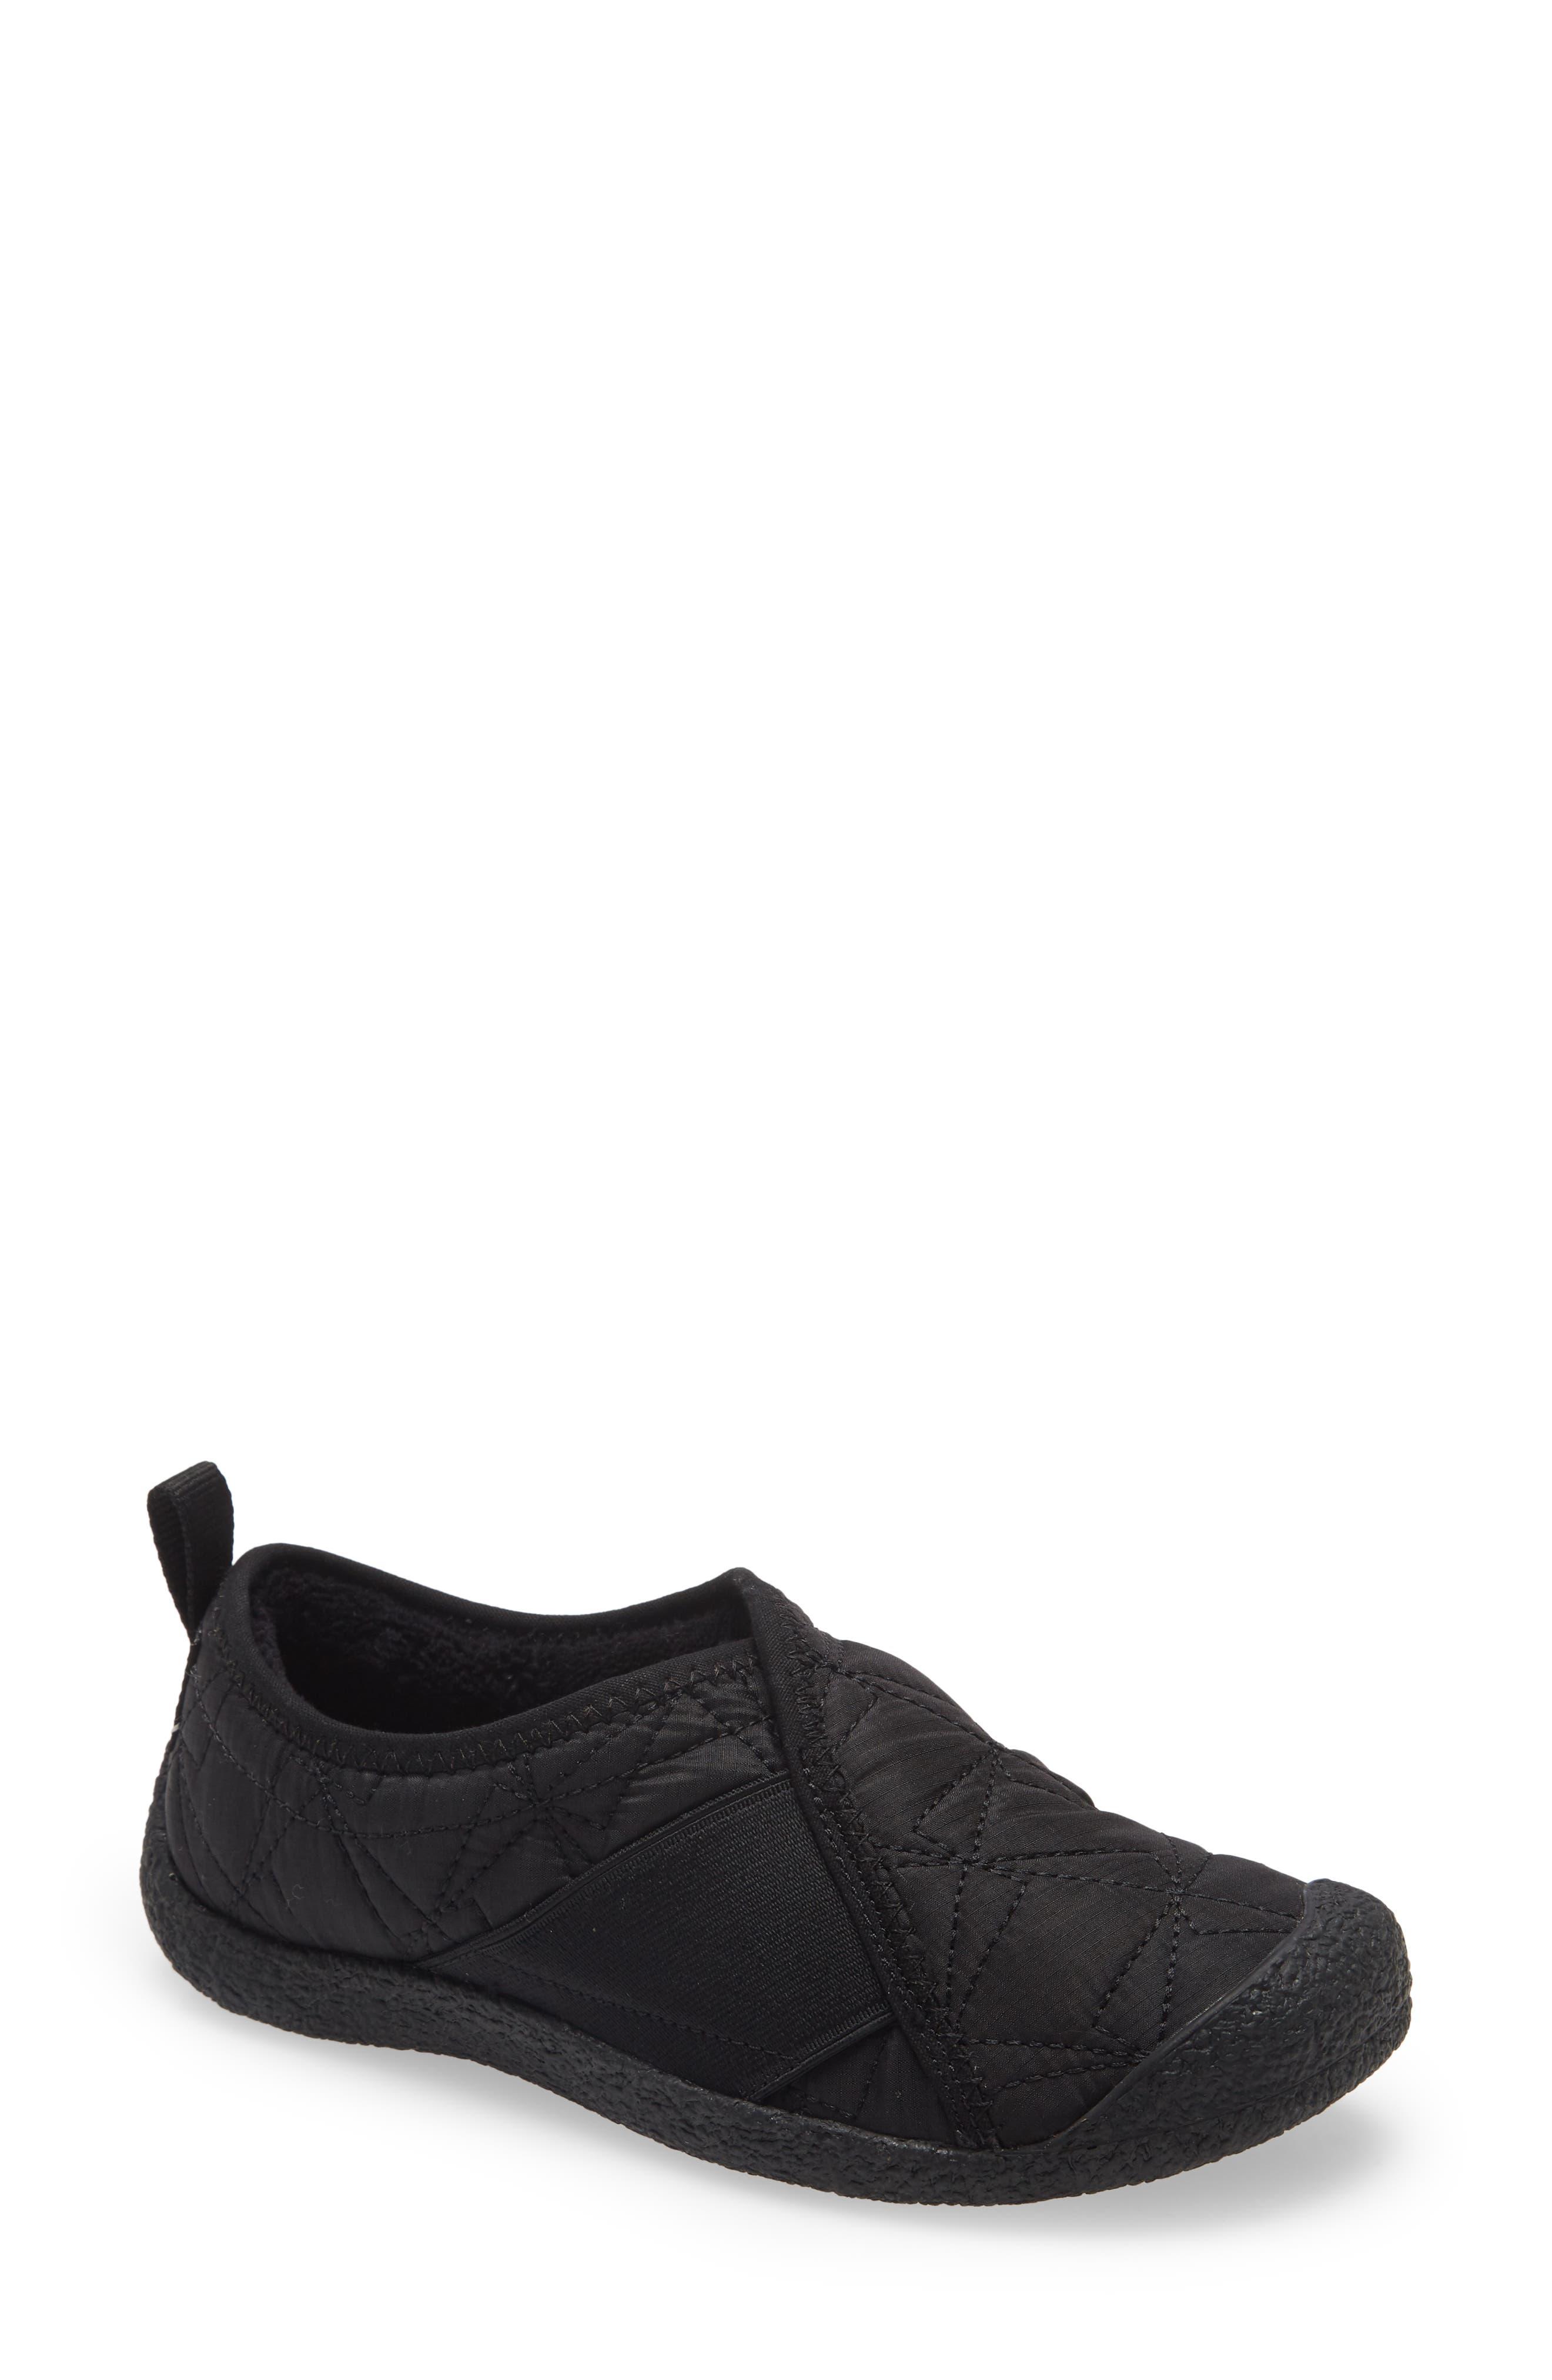 Howser Wrap Hybrid Slipper Shoe